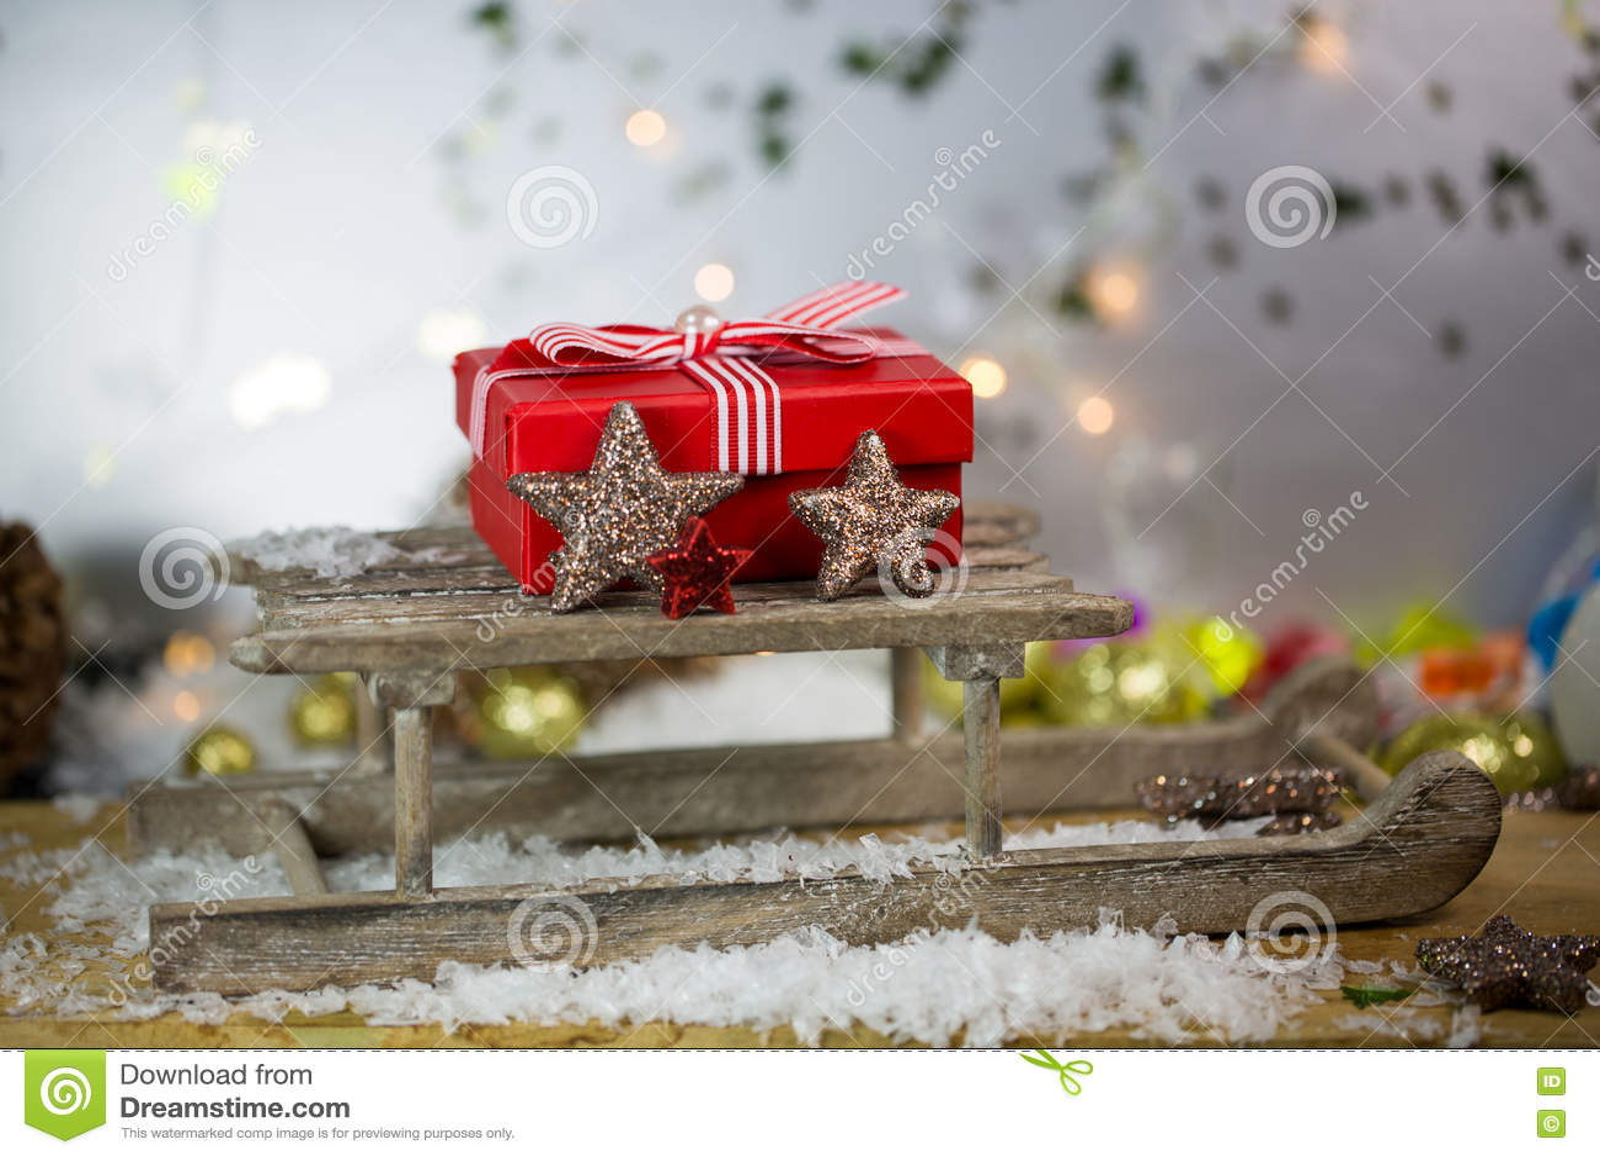 Χριστουγεννιάτικο δώρο στο έλκηθρο